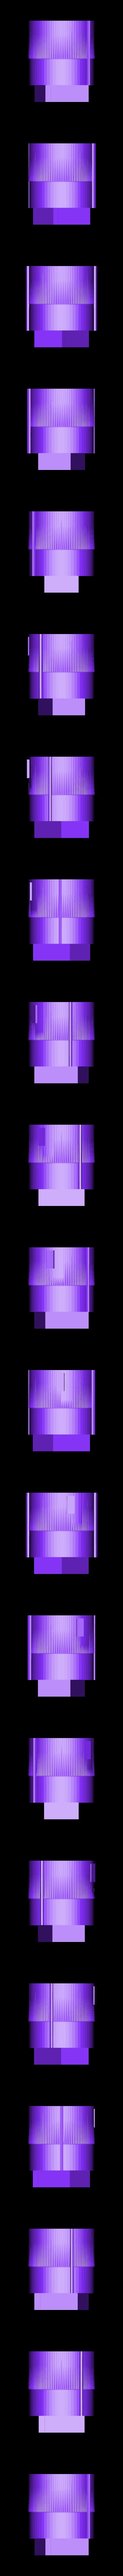 S-I top part b.stl Télécharger fichier STL gratuit Saturn V Rocket - Stage 1 • Objet pour imprimante 3D, spac3D